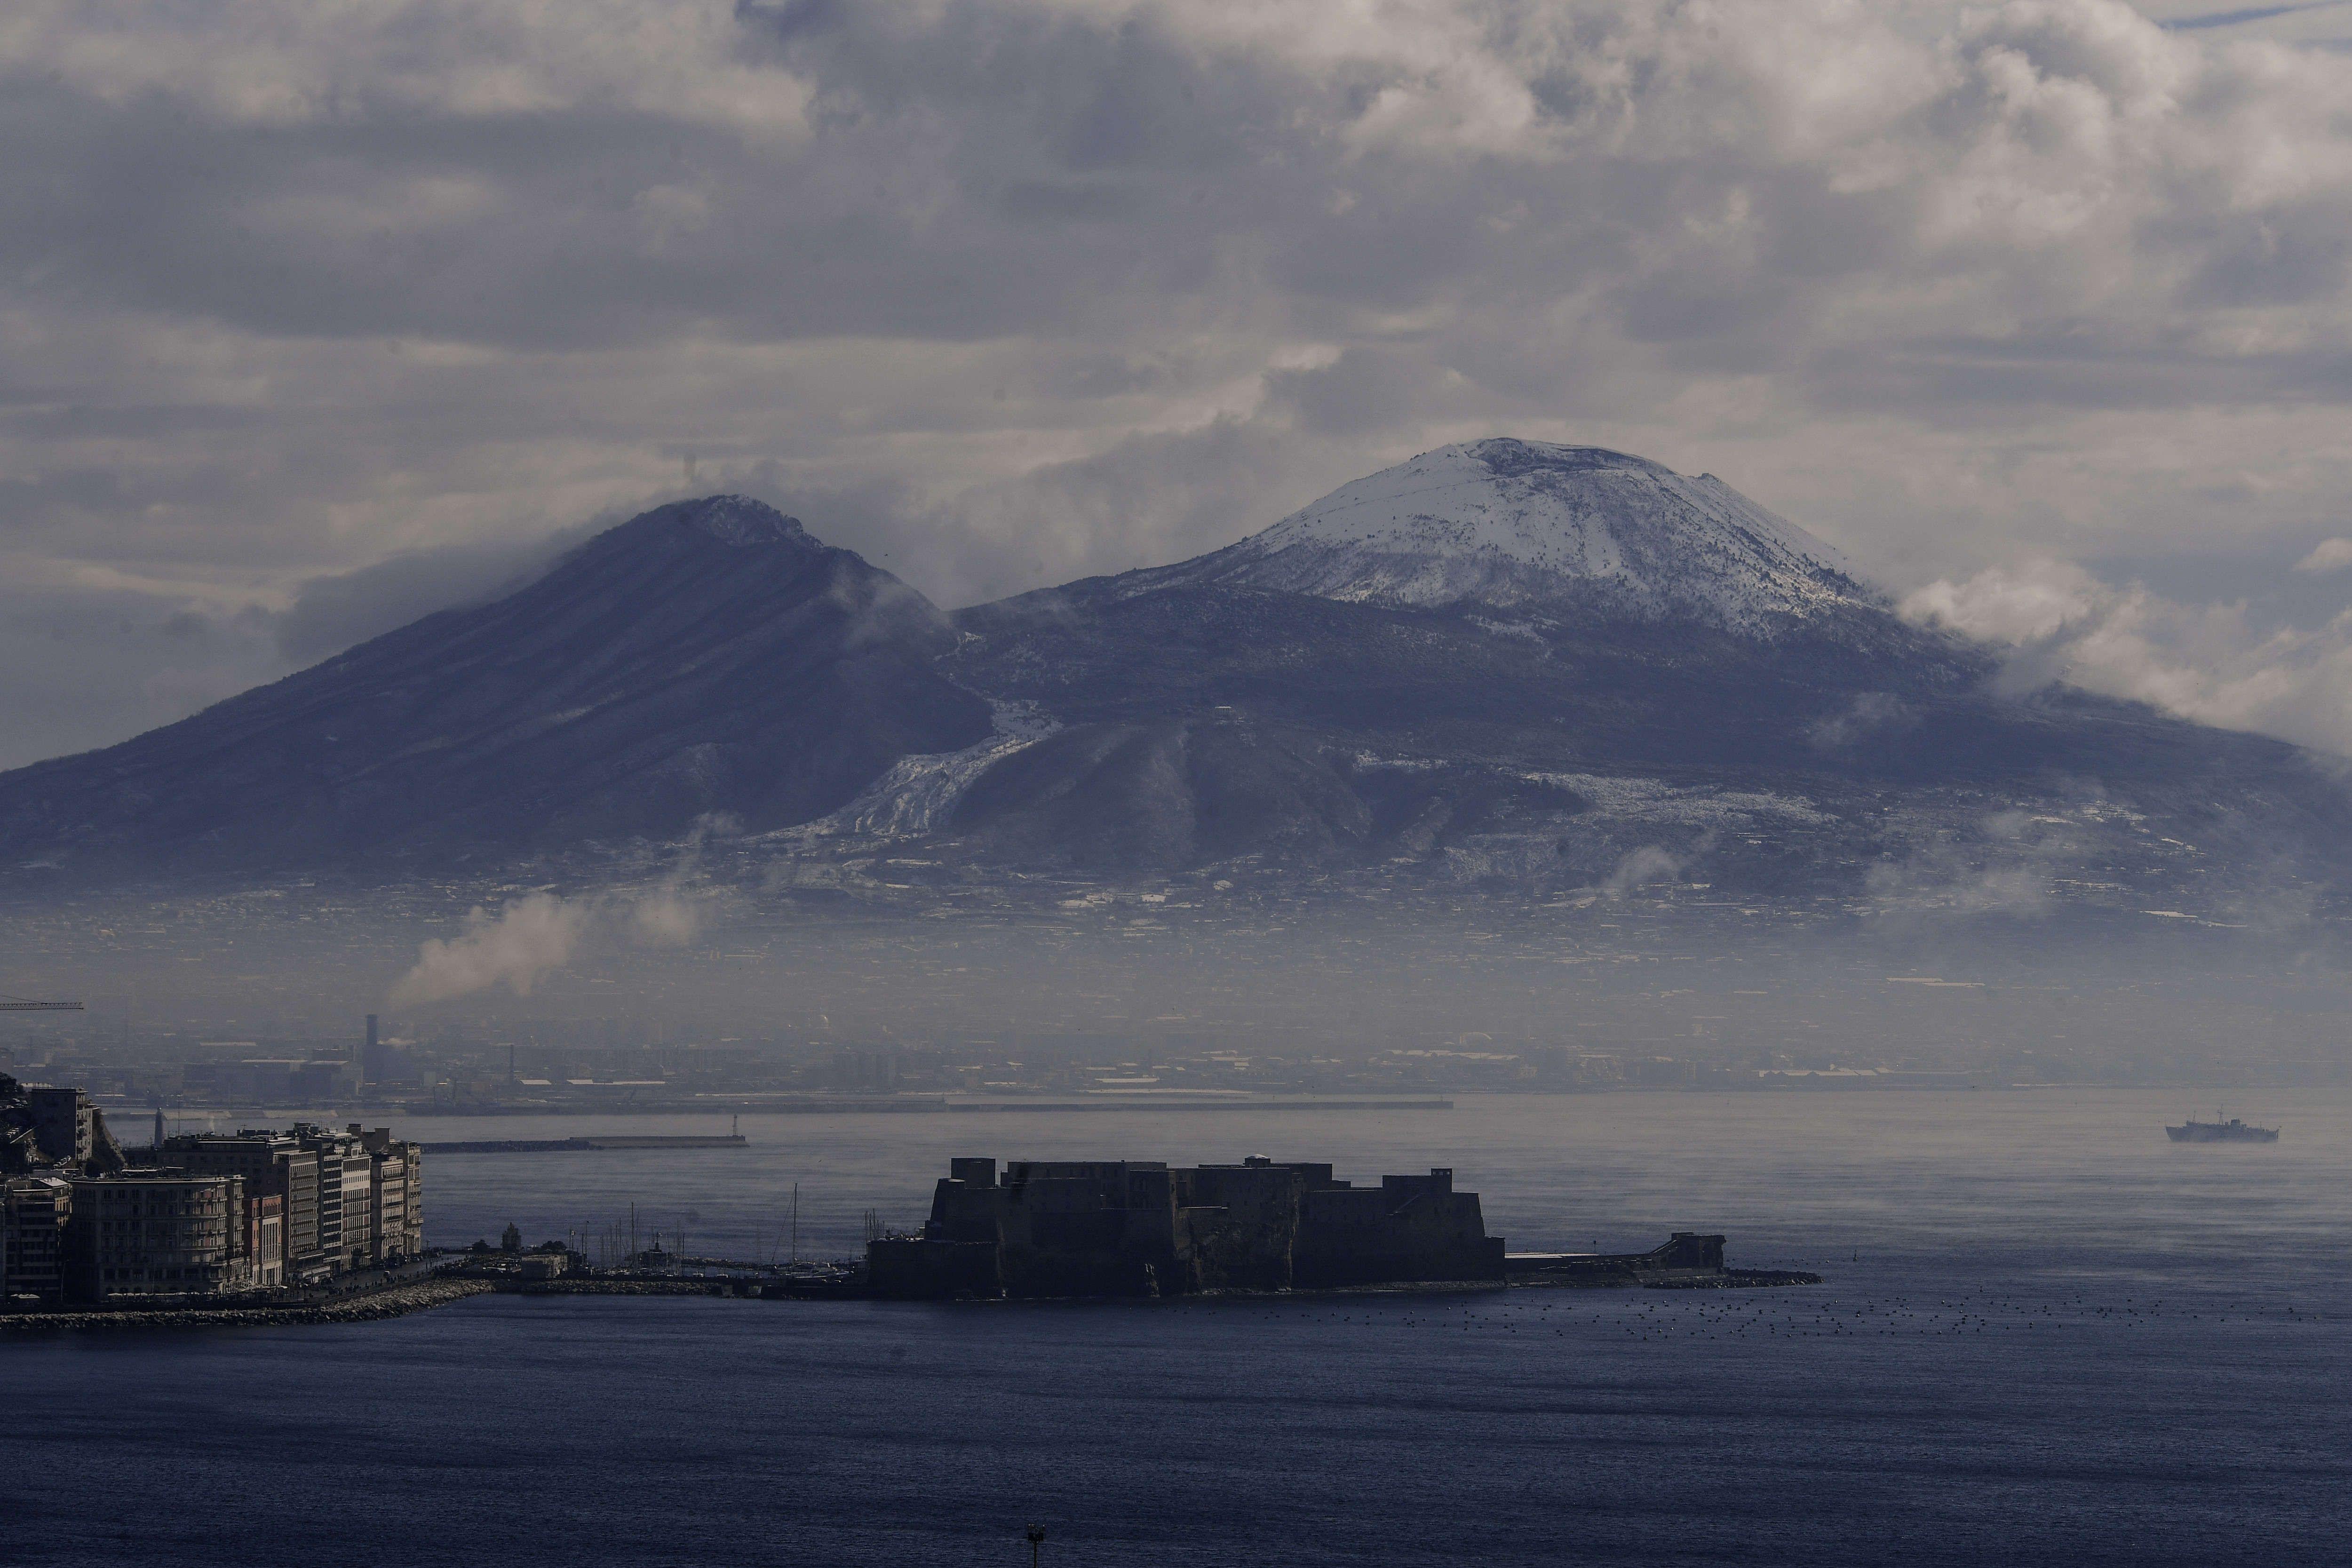 A view of Castello dell' ovo (Egg Castle) and Vesuvius...